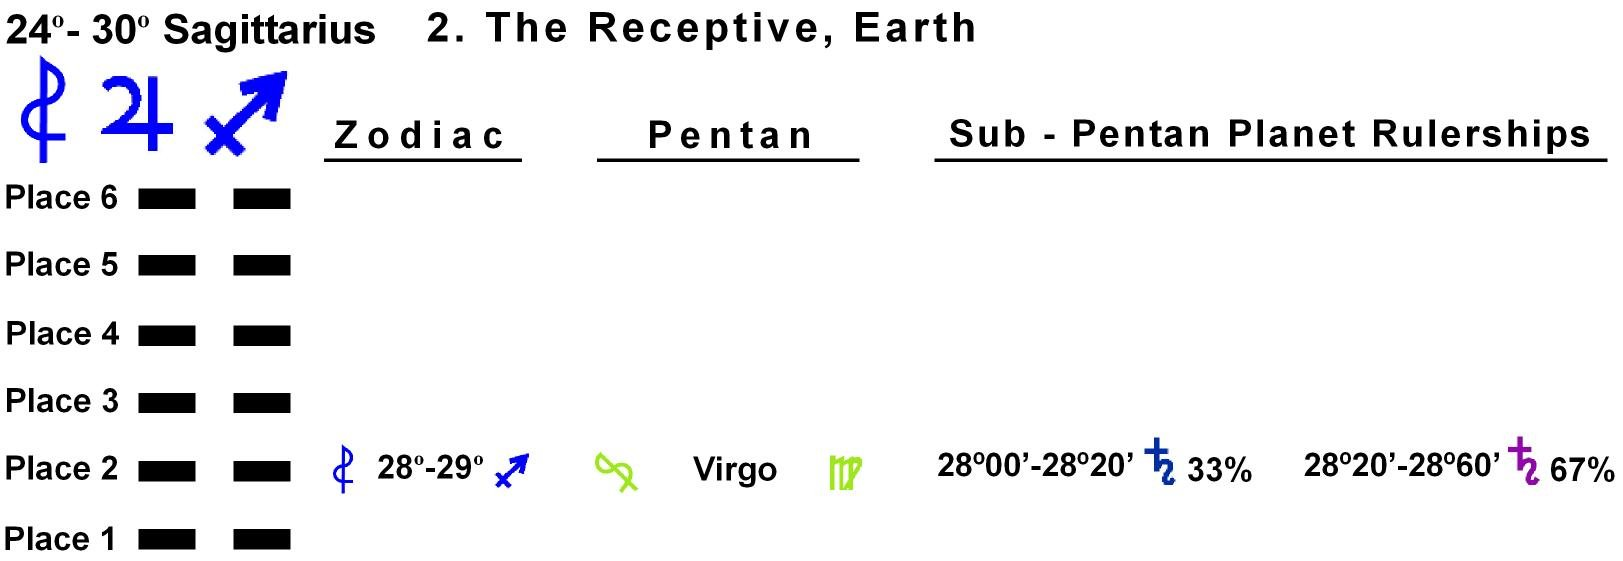 Pent-lines-09SA 28-29 Hx-2 The Receptive